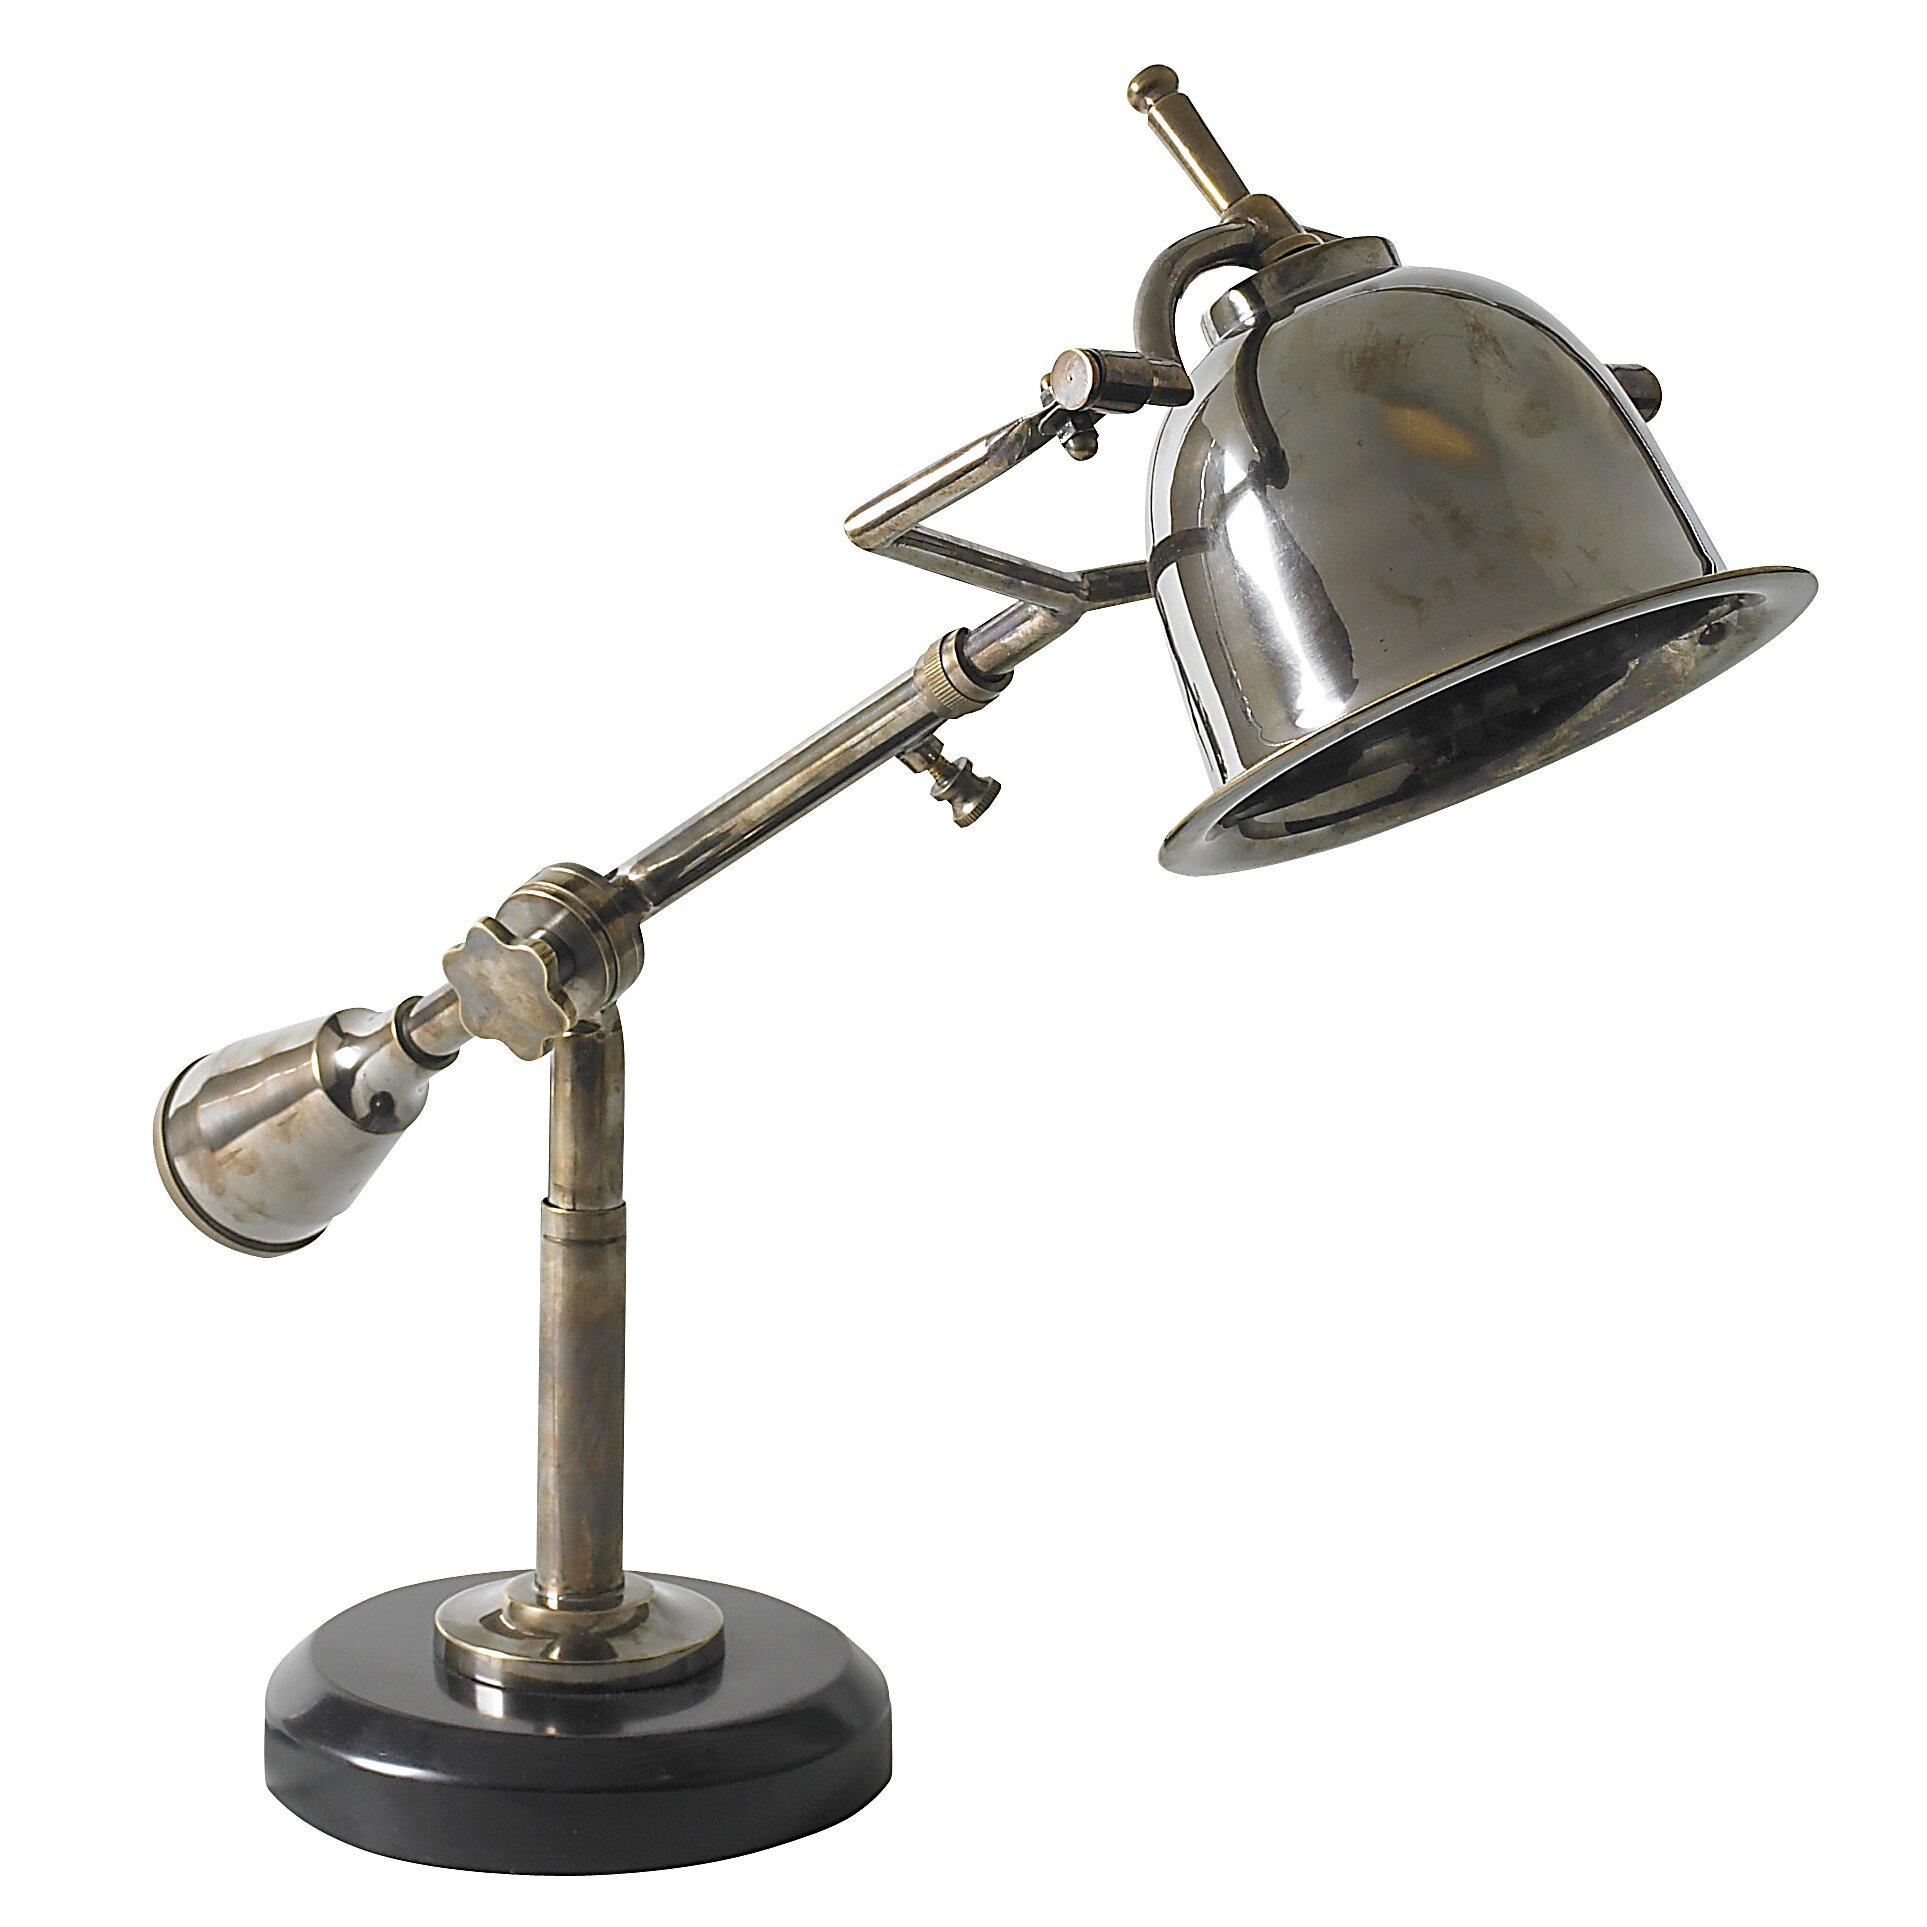 Authentic Models Authors 161quot Table Lamp Wayfair : Authentic Models Authors 161 Table Lamp from www.wayfair.com size 1927 x 1927 jpeg 260kB